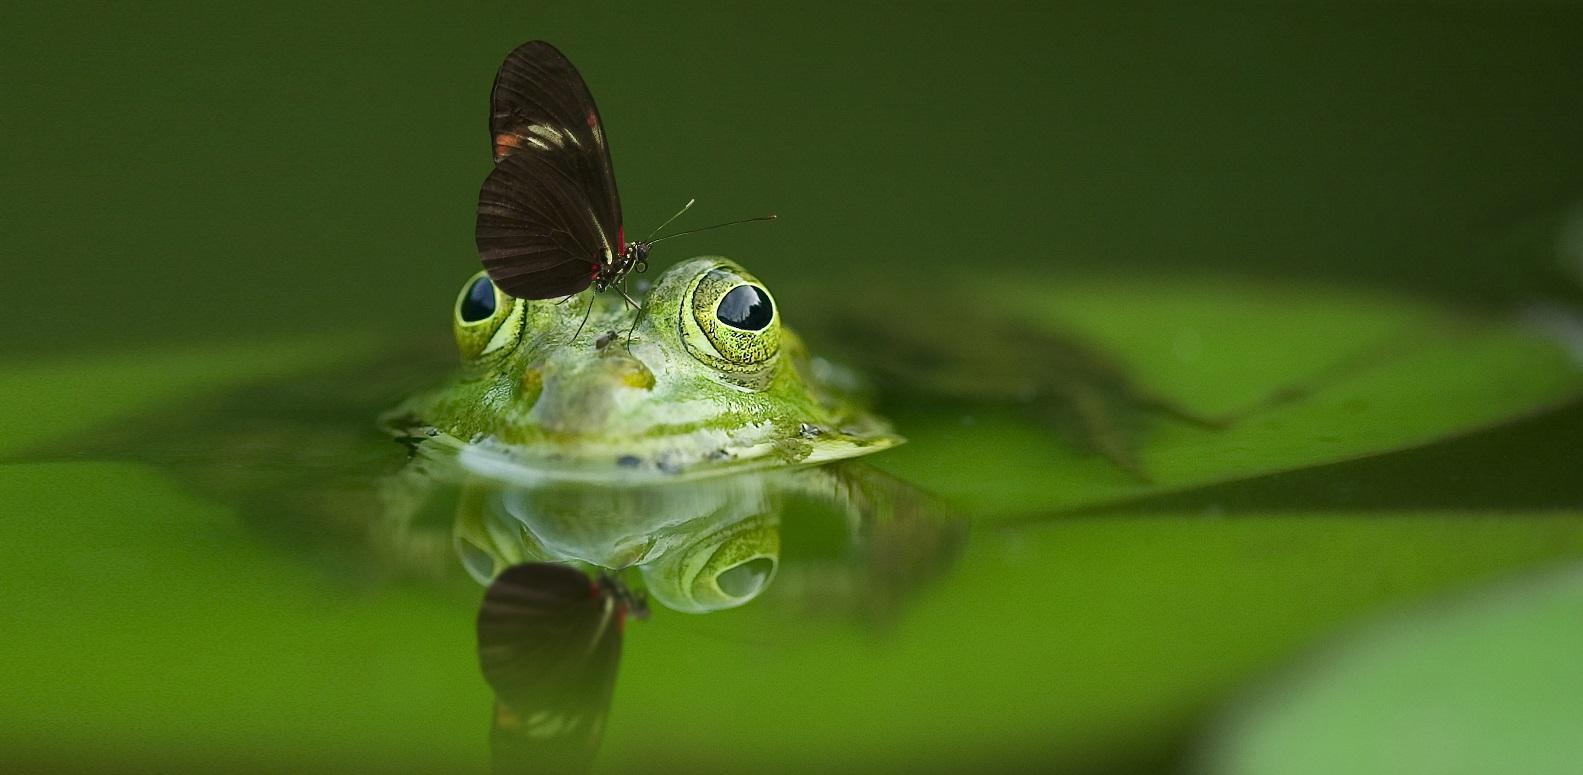 Frog (1583x775)